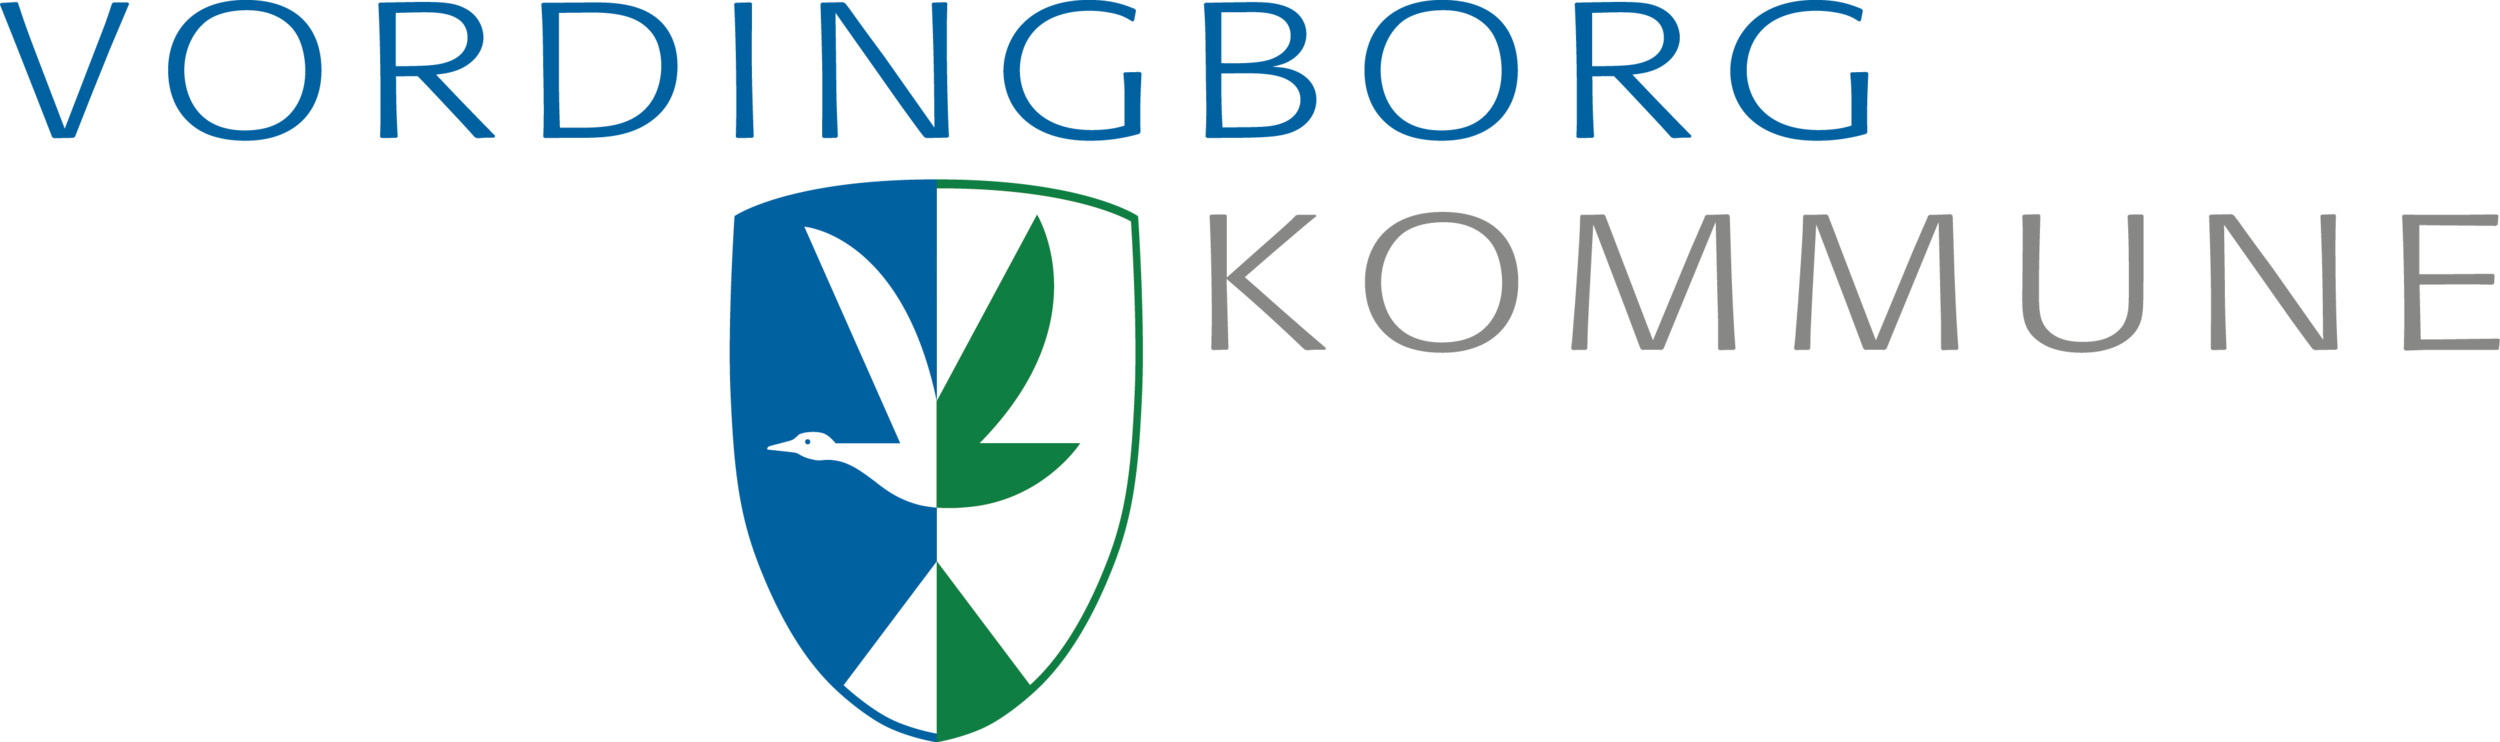 vordingborg_logo_cmyk.png